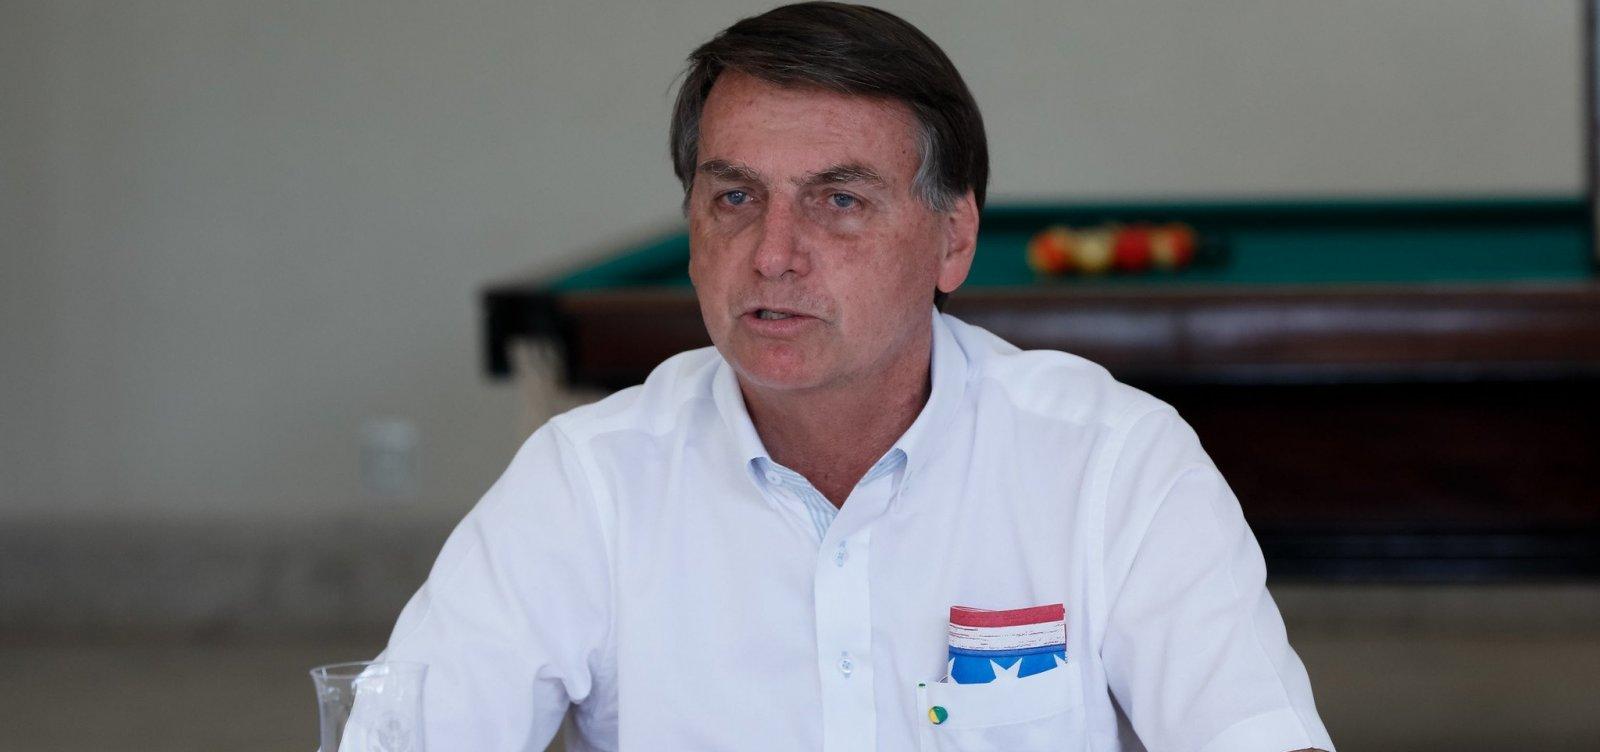 [Novo teste para coronavírus de Bolsonaro dá positivo]